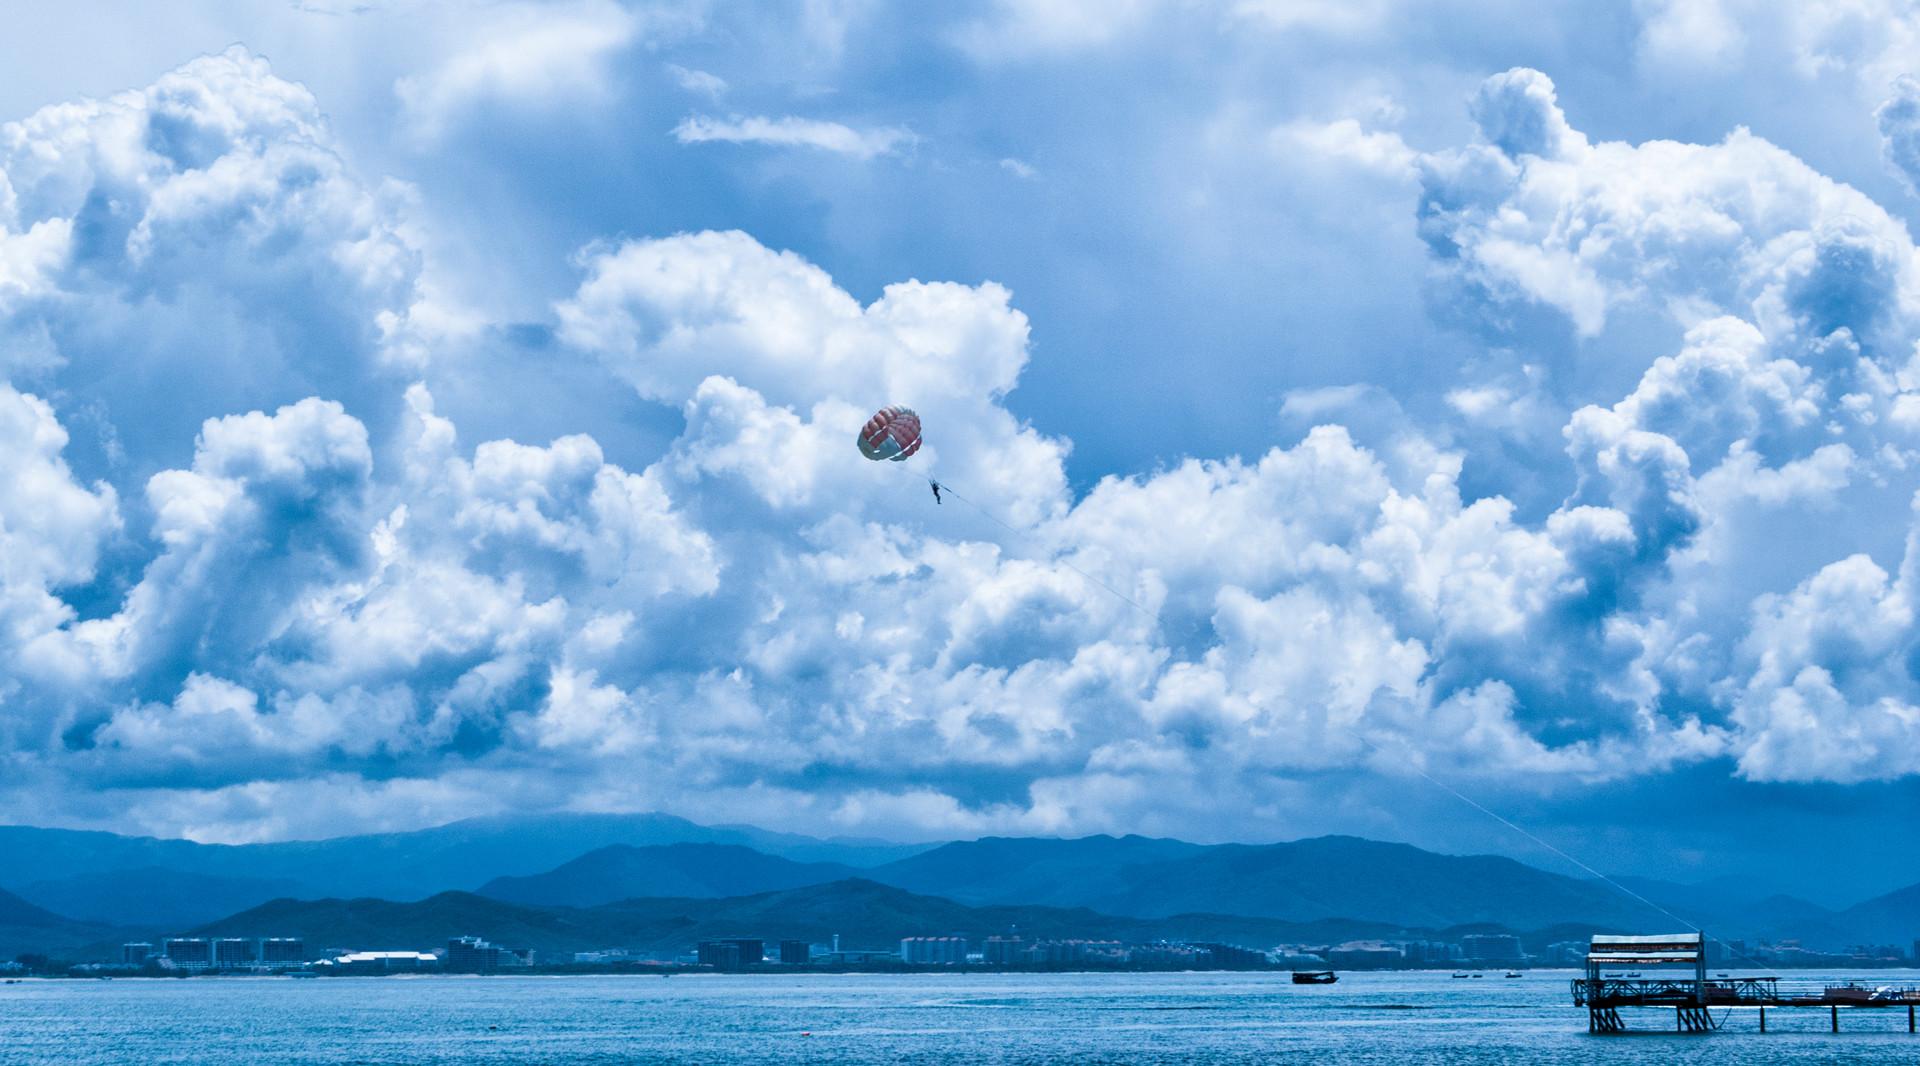 【一价全包】<三亚蓝梦海洋4天双飞团>三亚往返